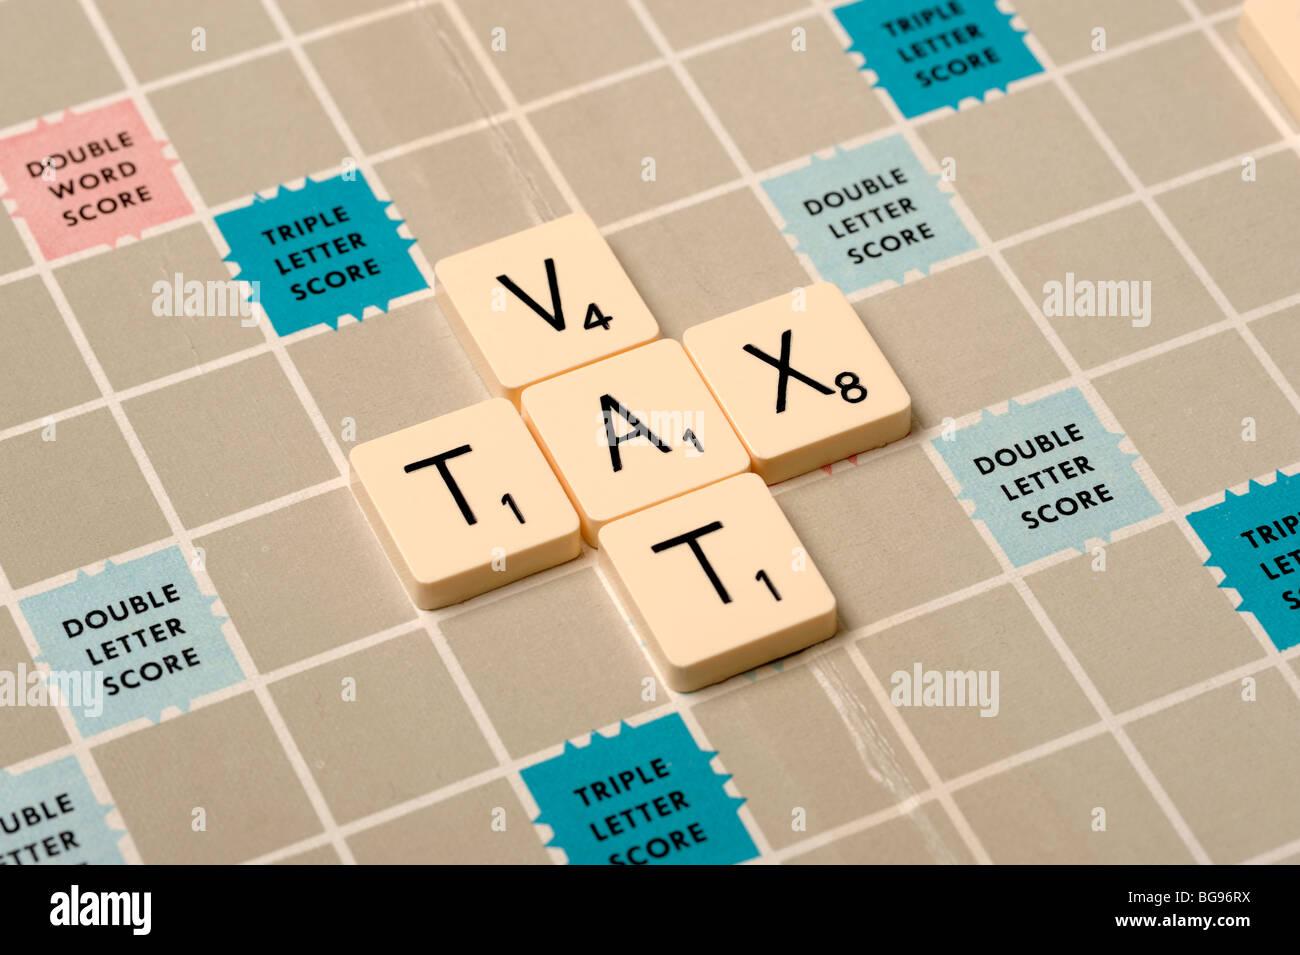 Scrabble board - Stock Image